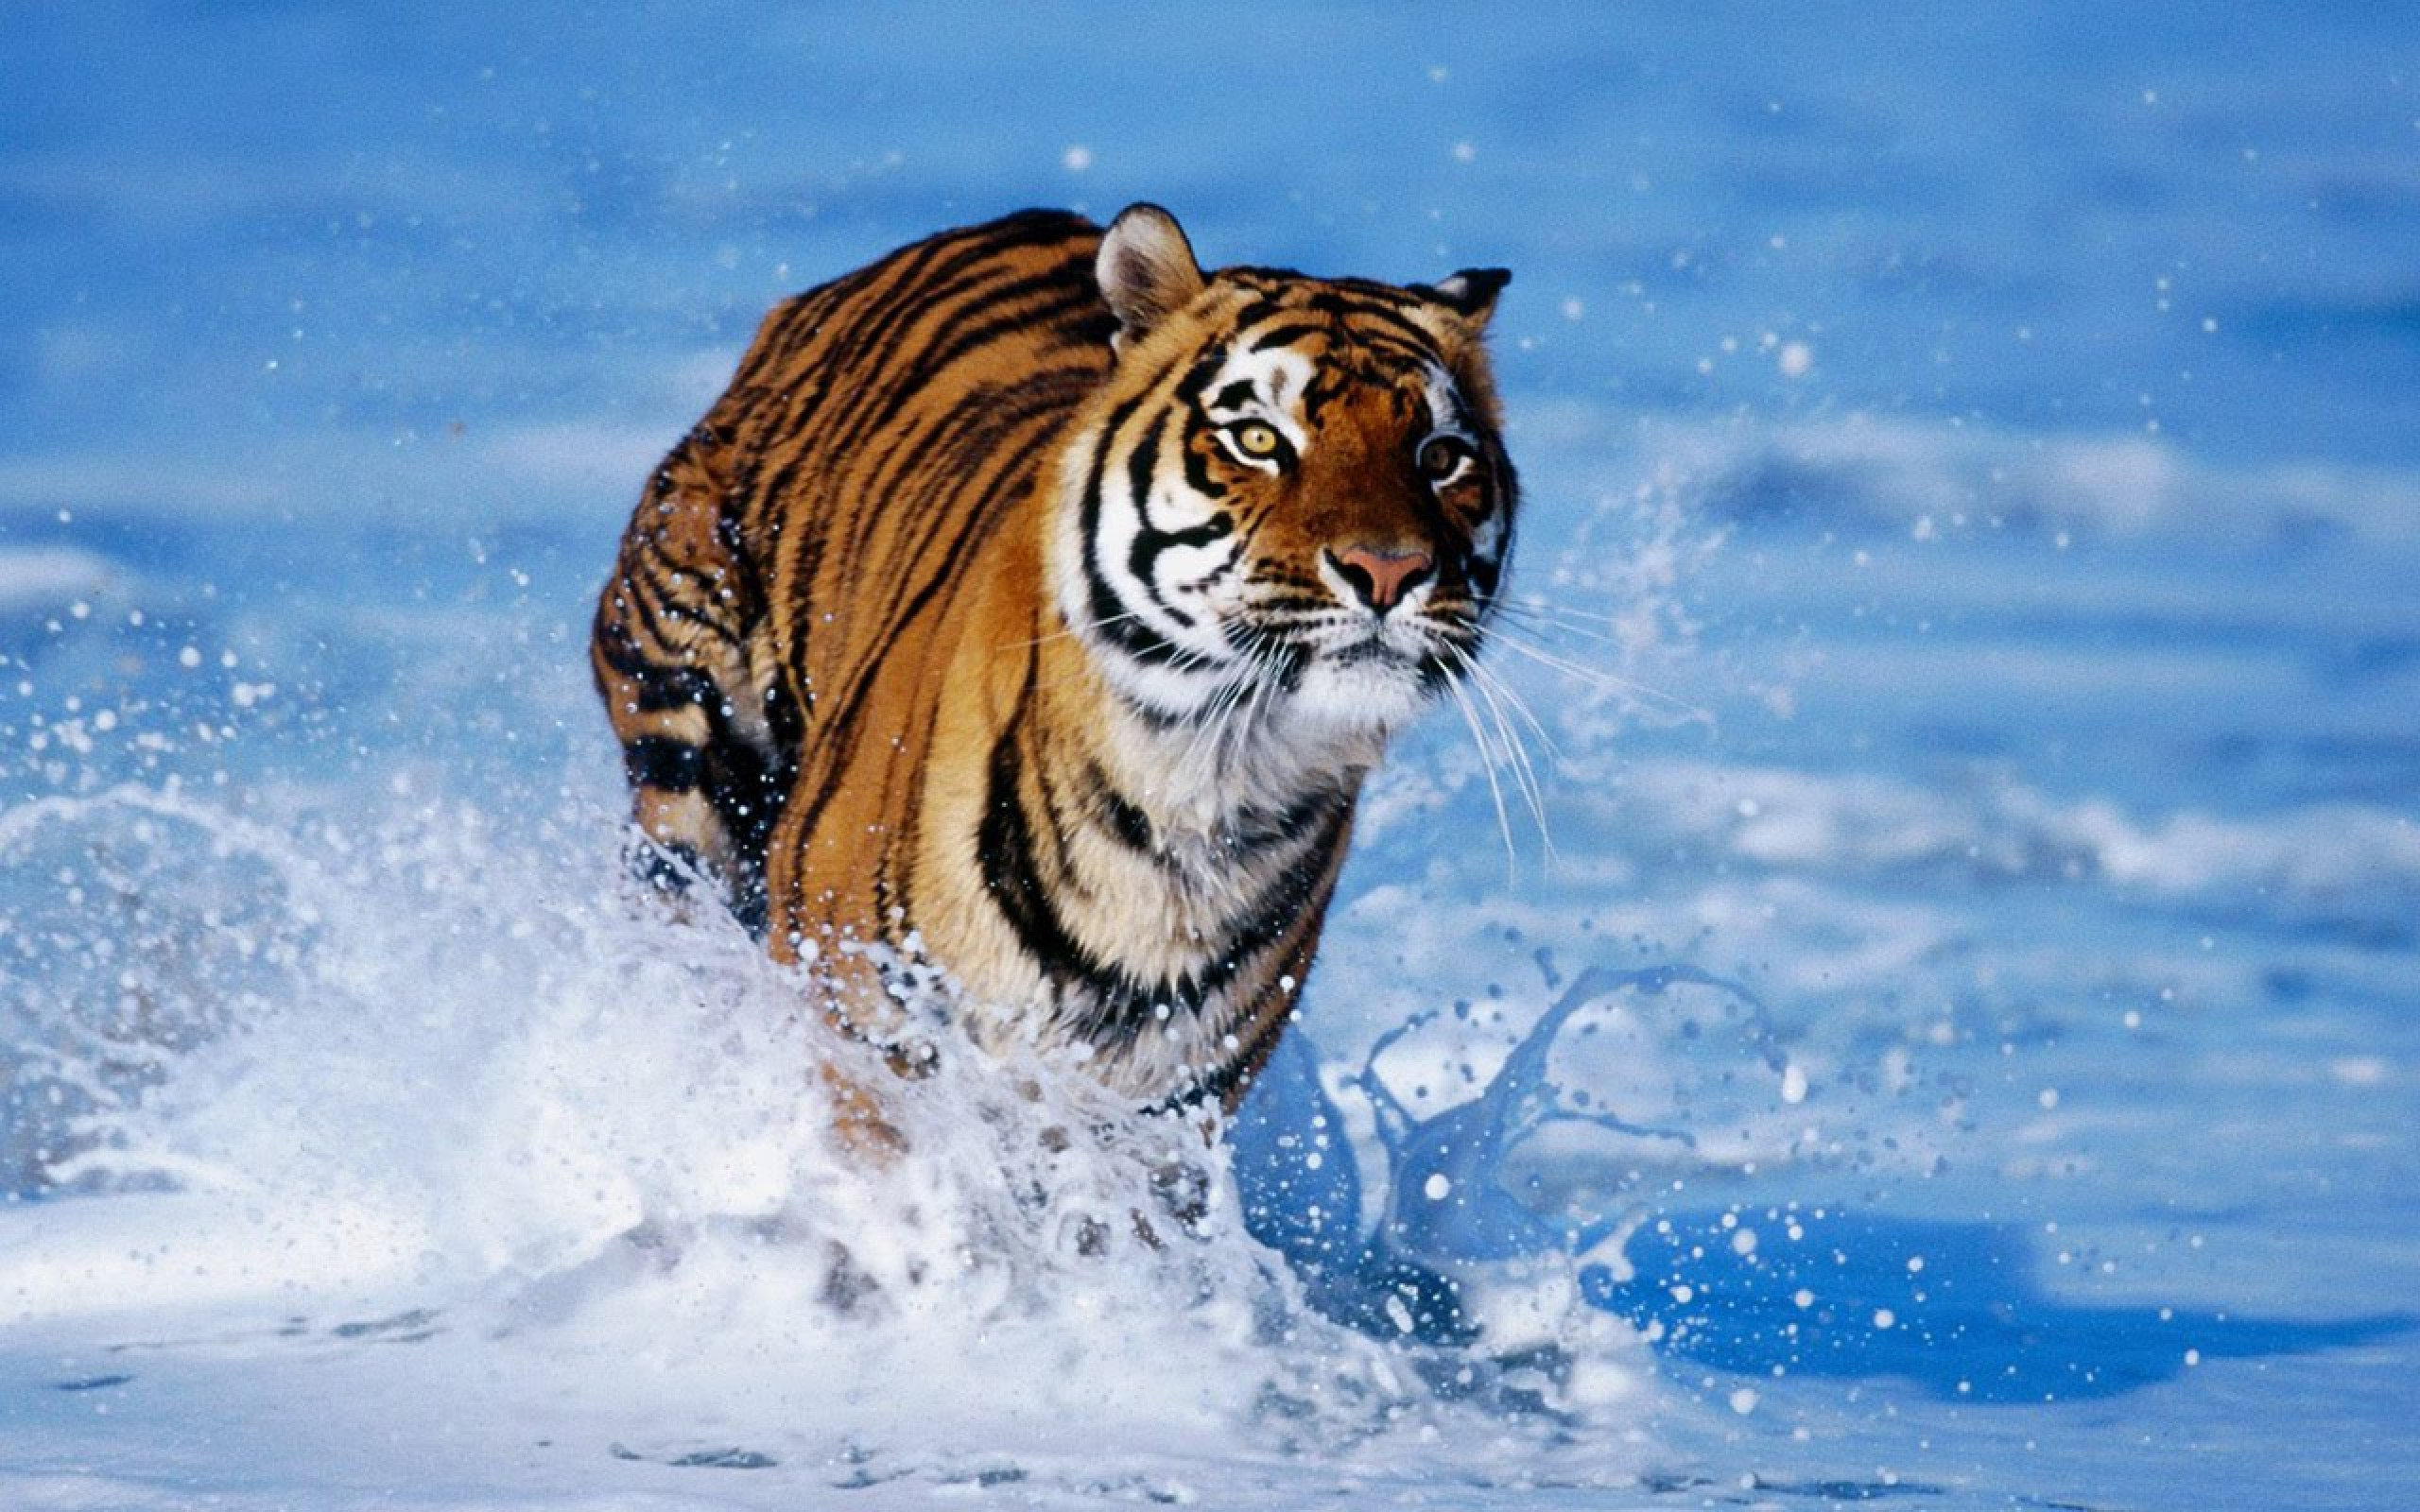 Hình nền con hổ đang chạy cực đẹp